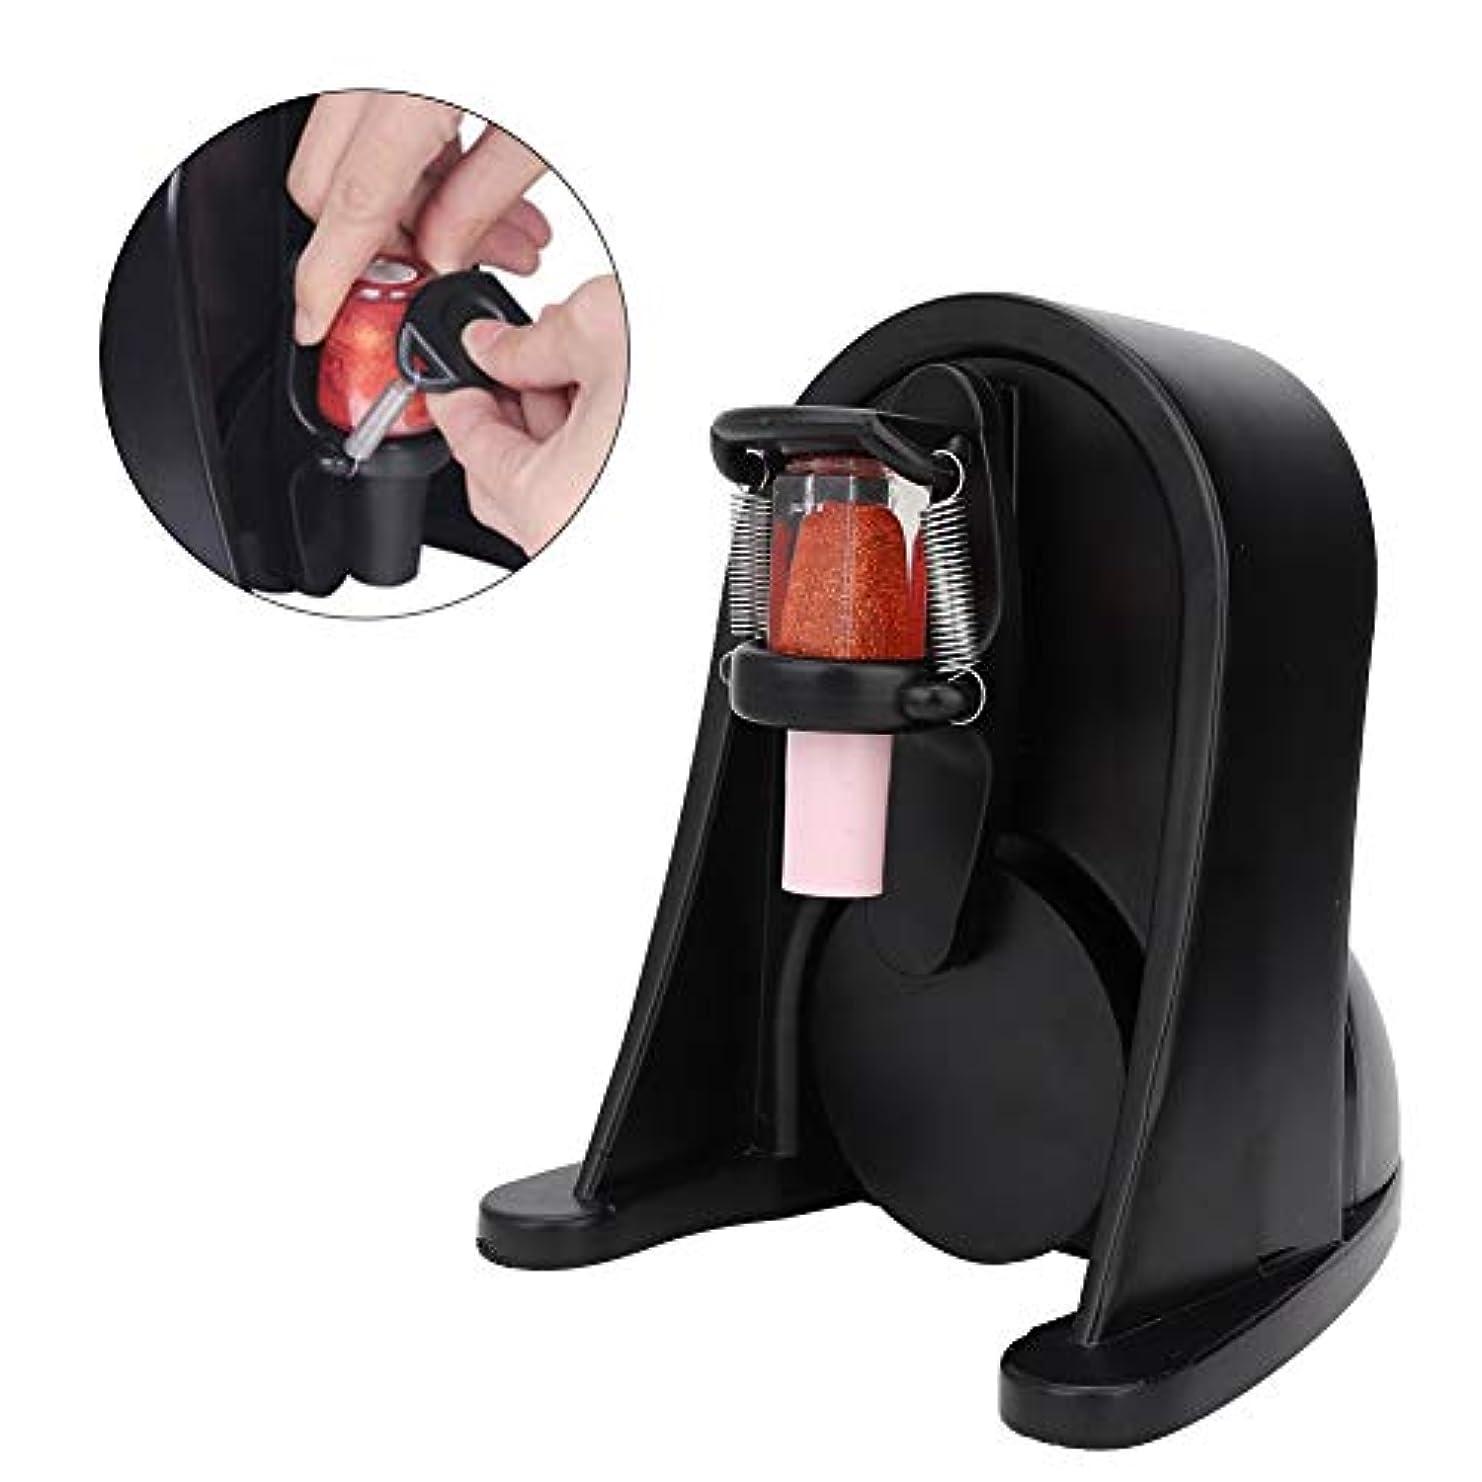 マニキュア シェーカー UVジェル液体ボトル シェーキングマシン ネイルジェル ネイルポリッシュ インク顔料調整可能ミキサー(ブラック)